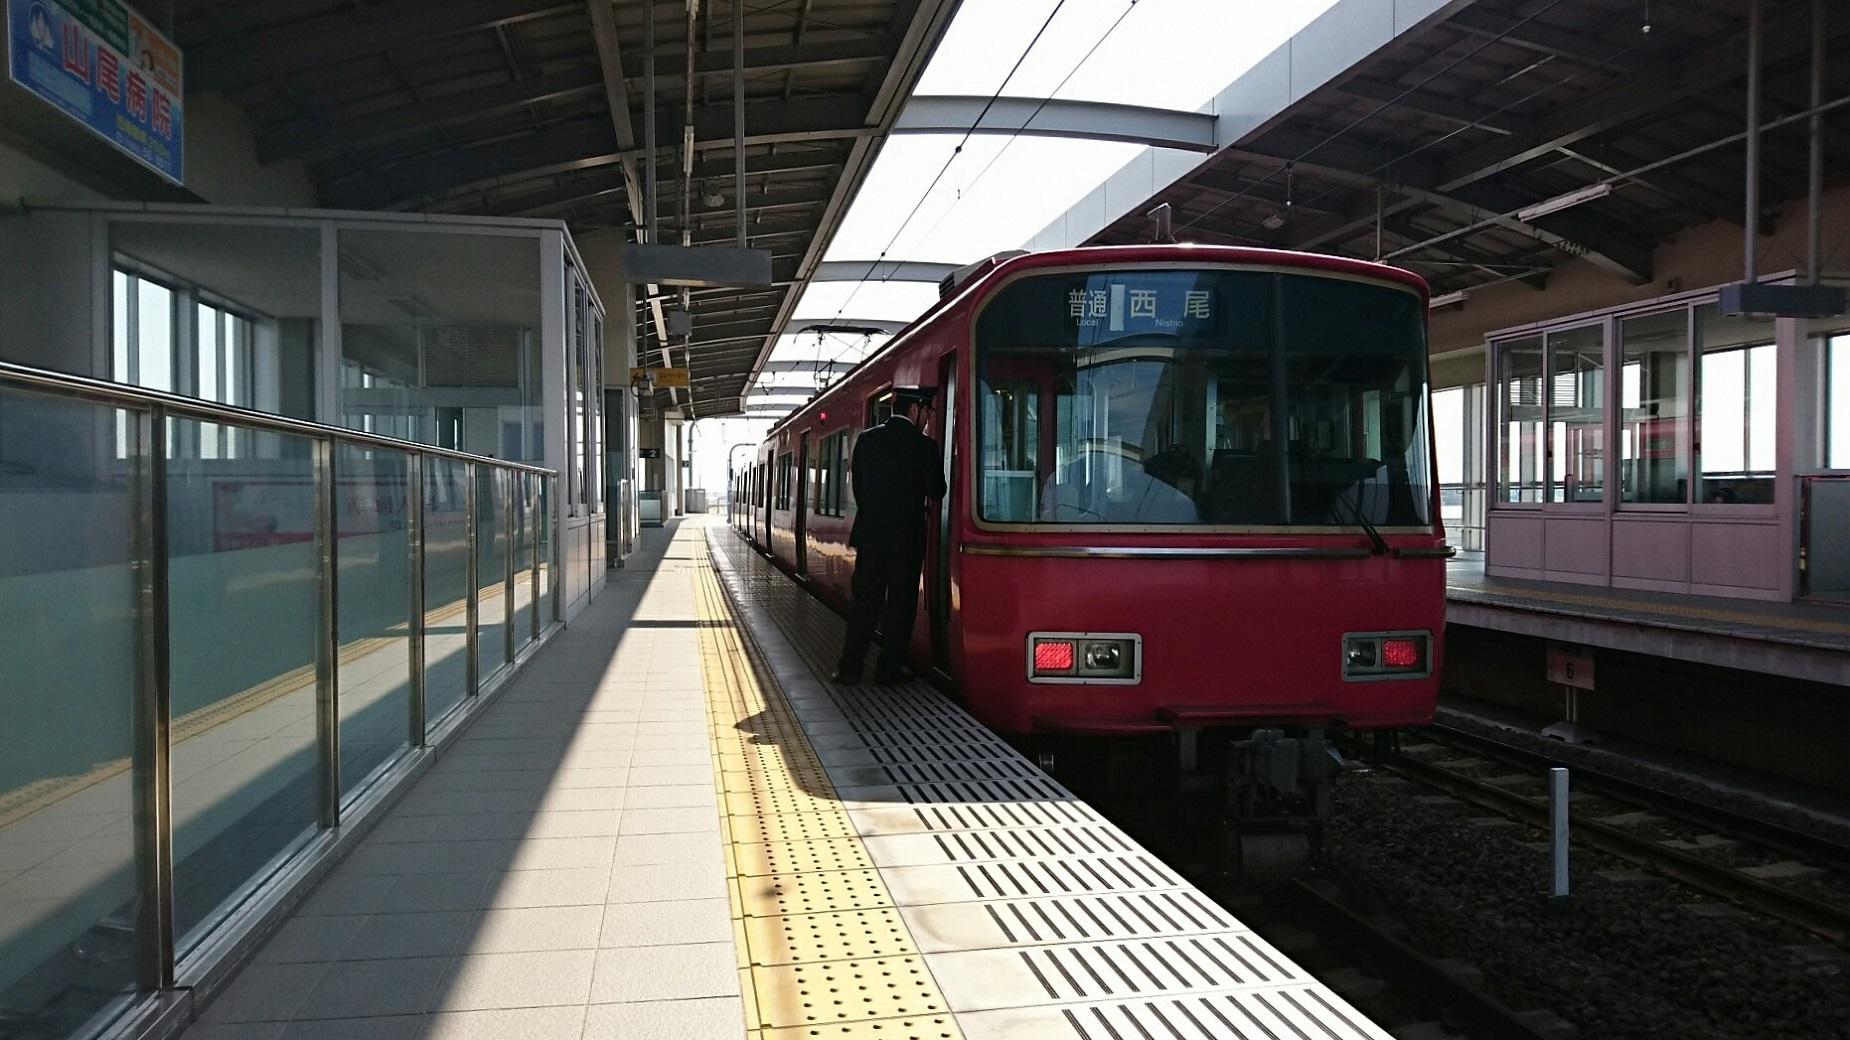 2018.3.15 名鉄 (2) 桜井 - 西尾いきふつう(6825編成2両) 1850-1040